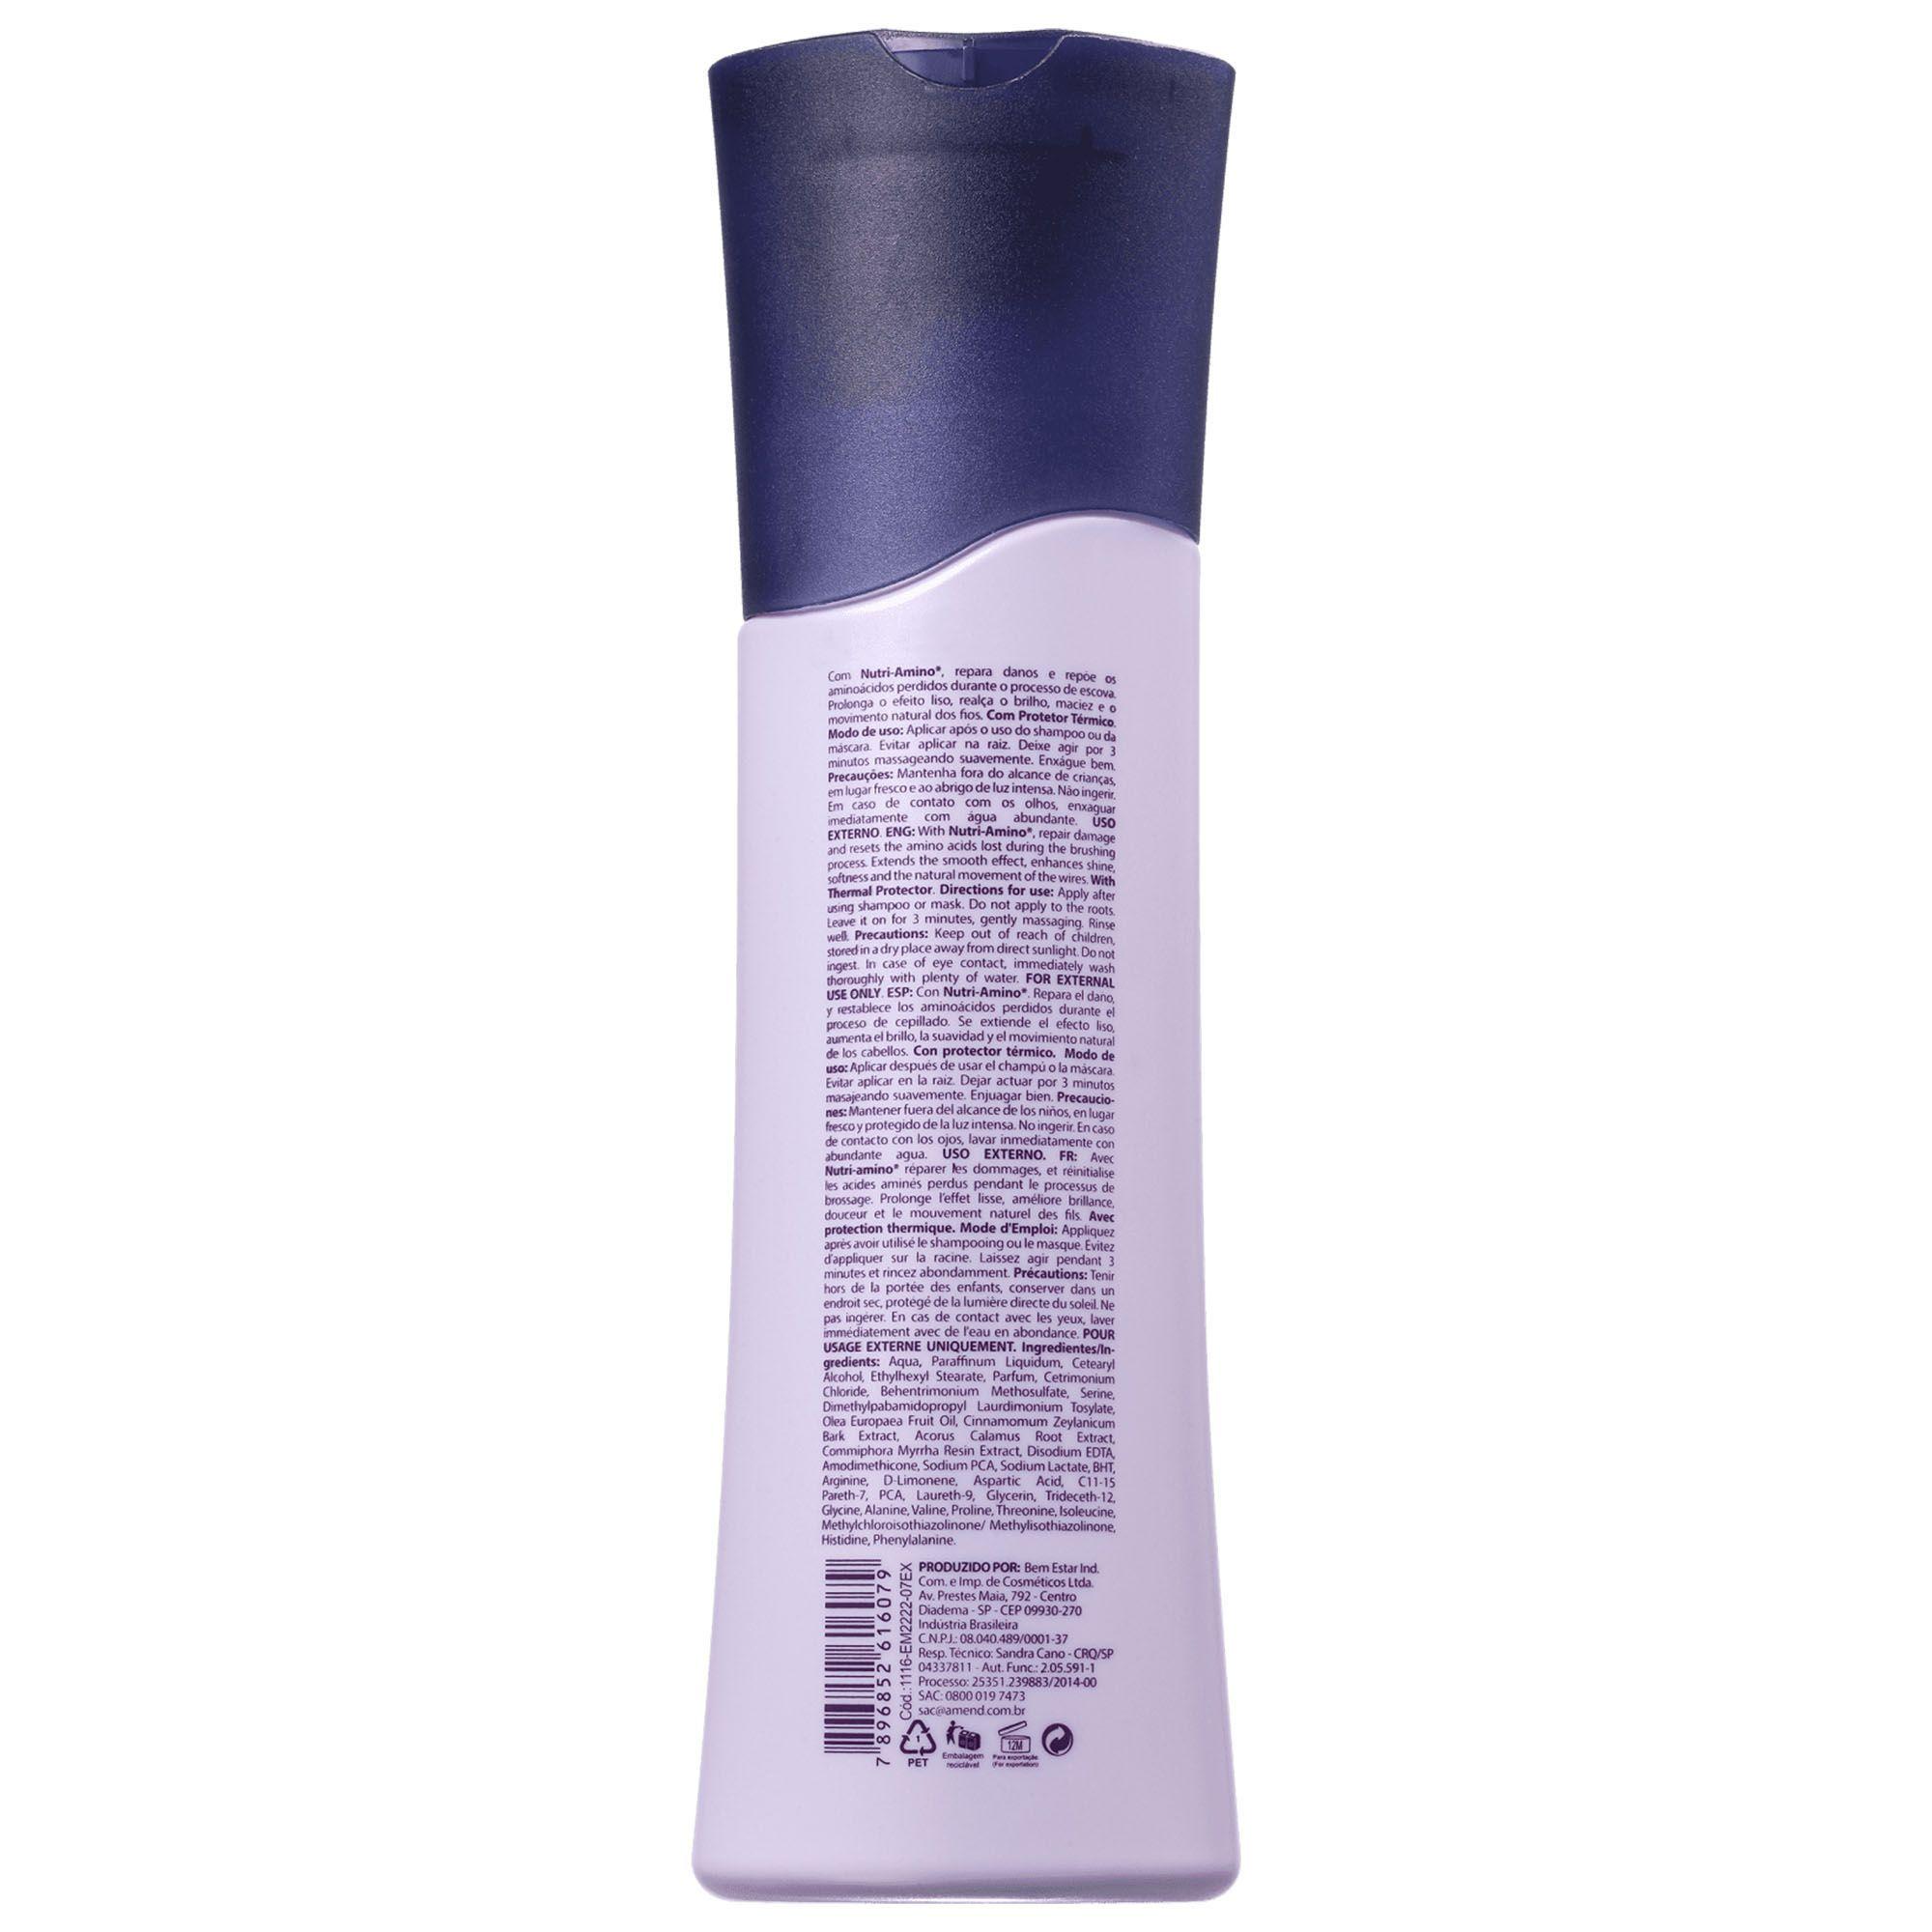 Condicionador Intensificador Pós Progressiva - 250ml Amend